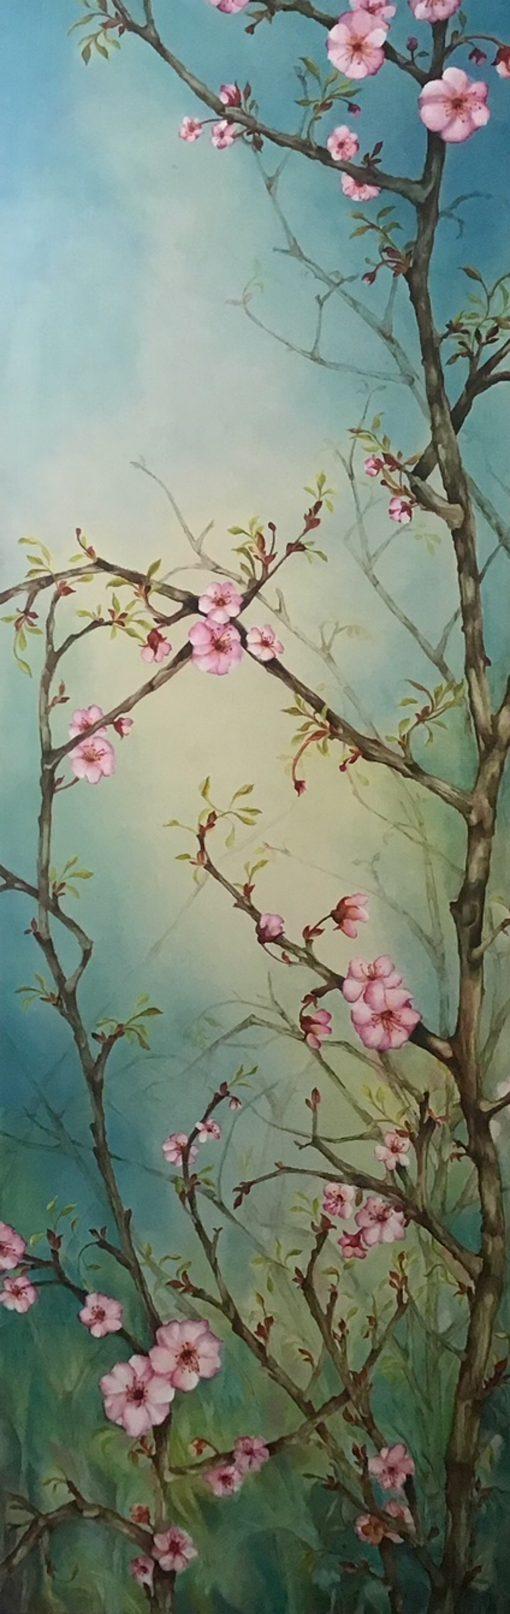 """""""Keokea Cherry Blossoms"""" by Christine Halton - CH262"""